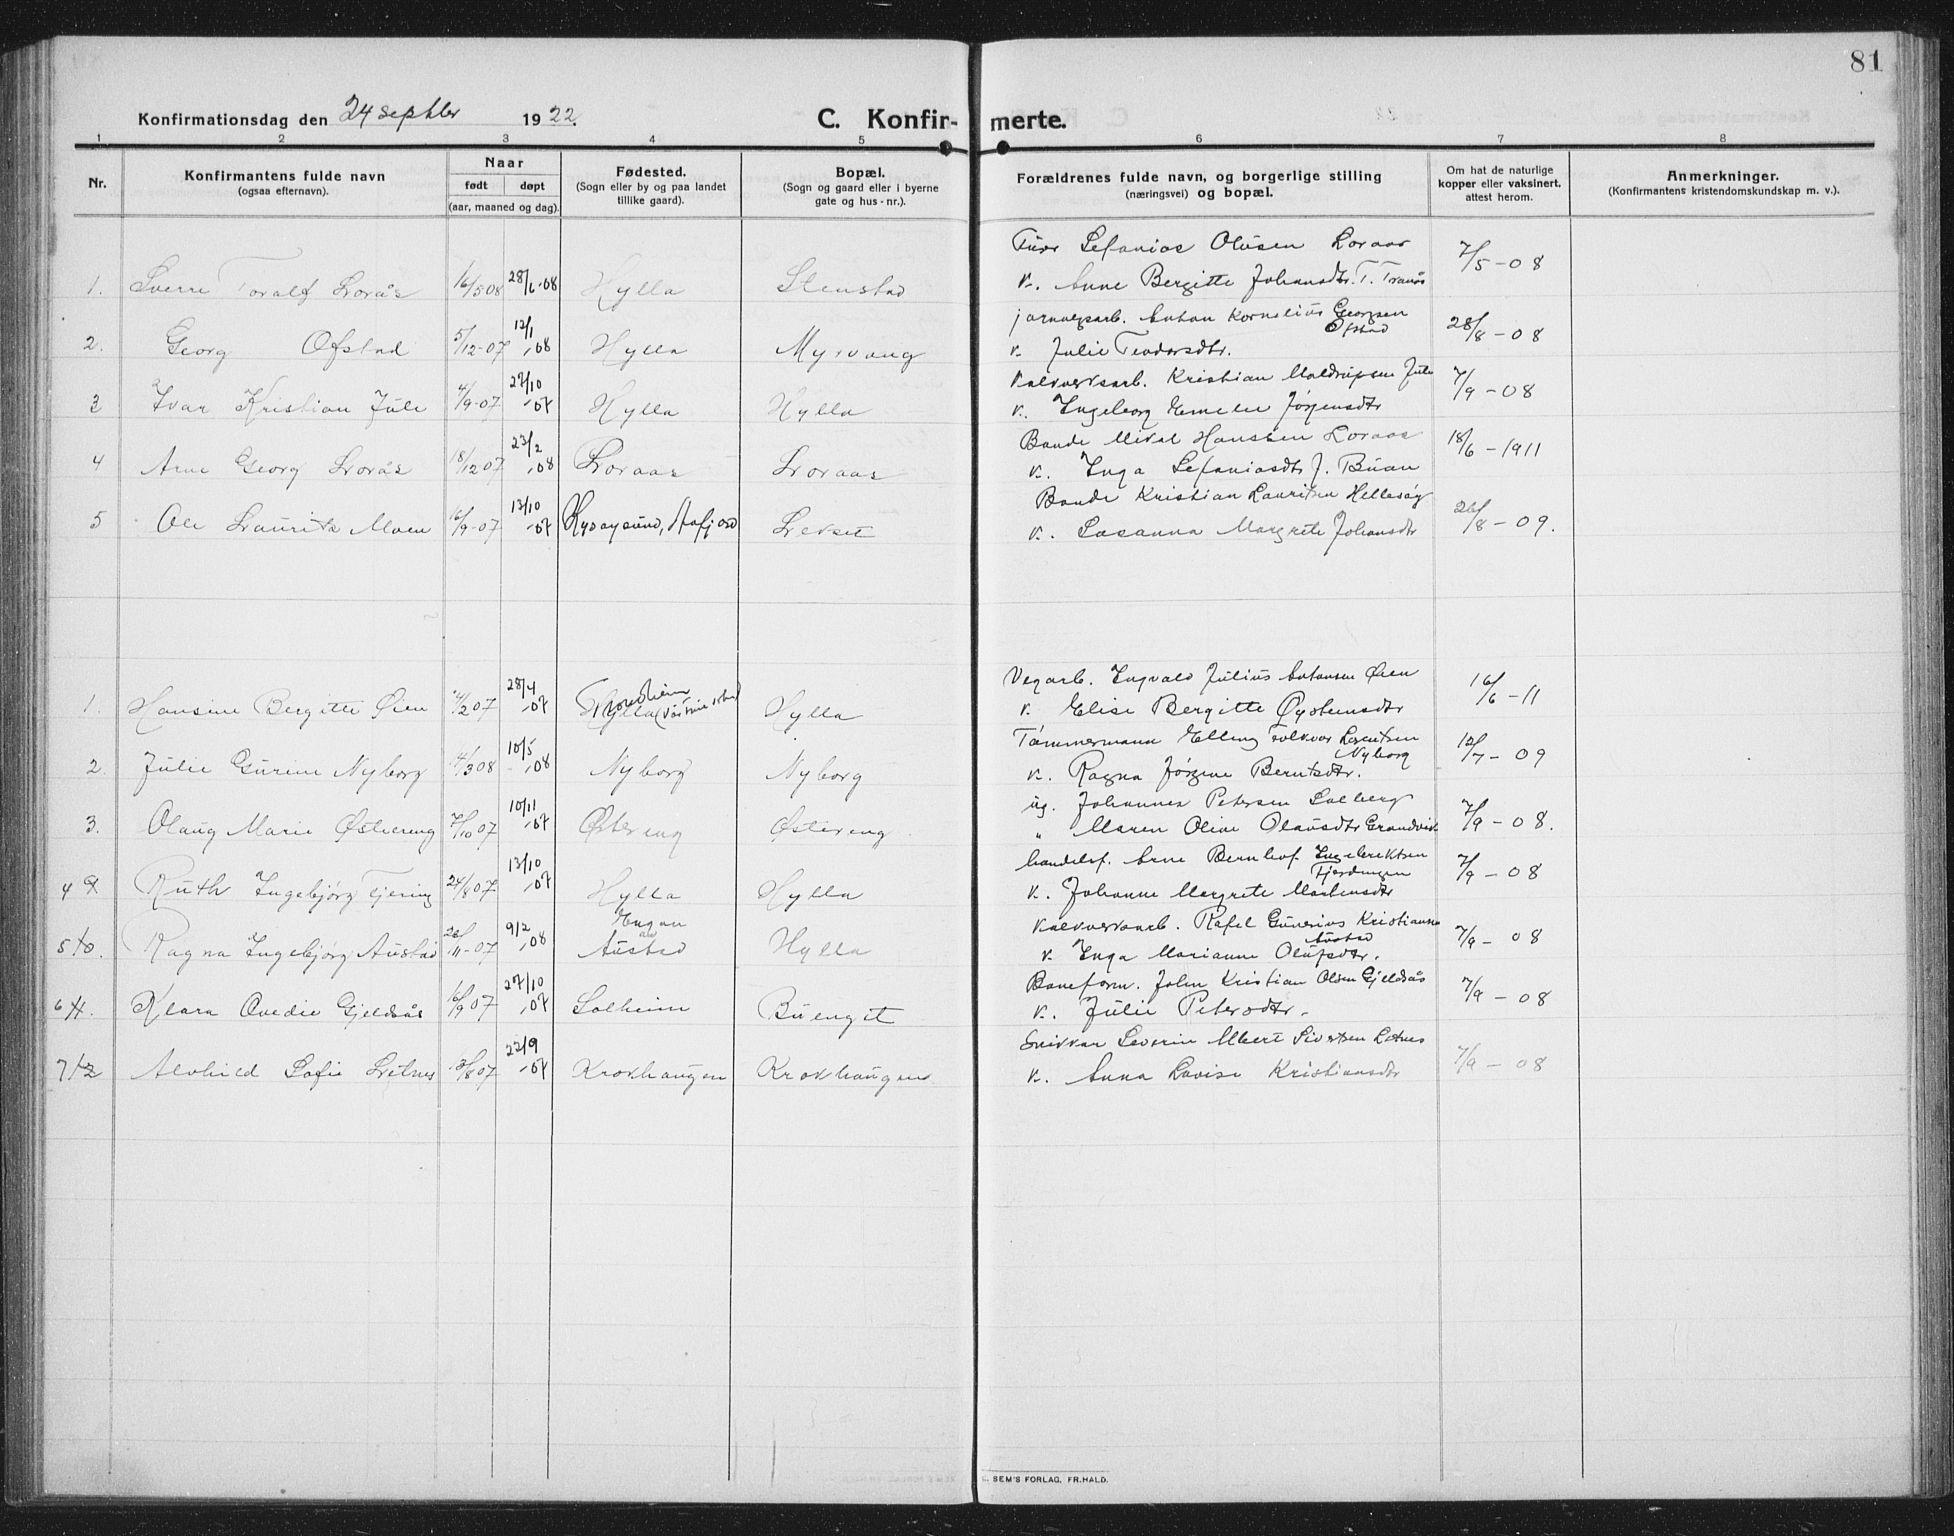 SAT, Ministerialprotokoller, klokkerbøker og fødselsregistre - Nord-Trøndelag, 731/L0312: Klokkerbok nr. 731C03, 1911-1935, s. 81